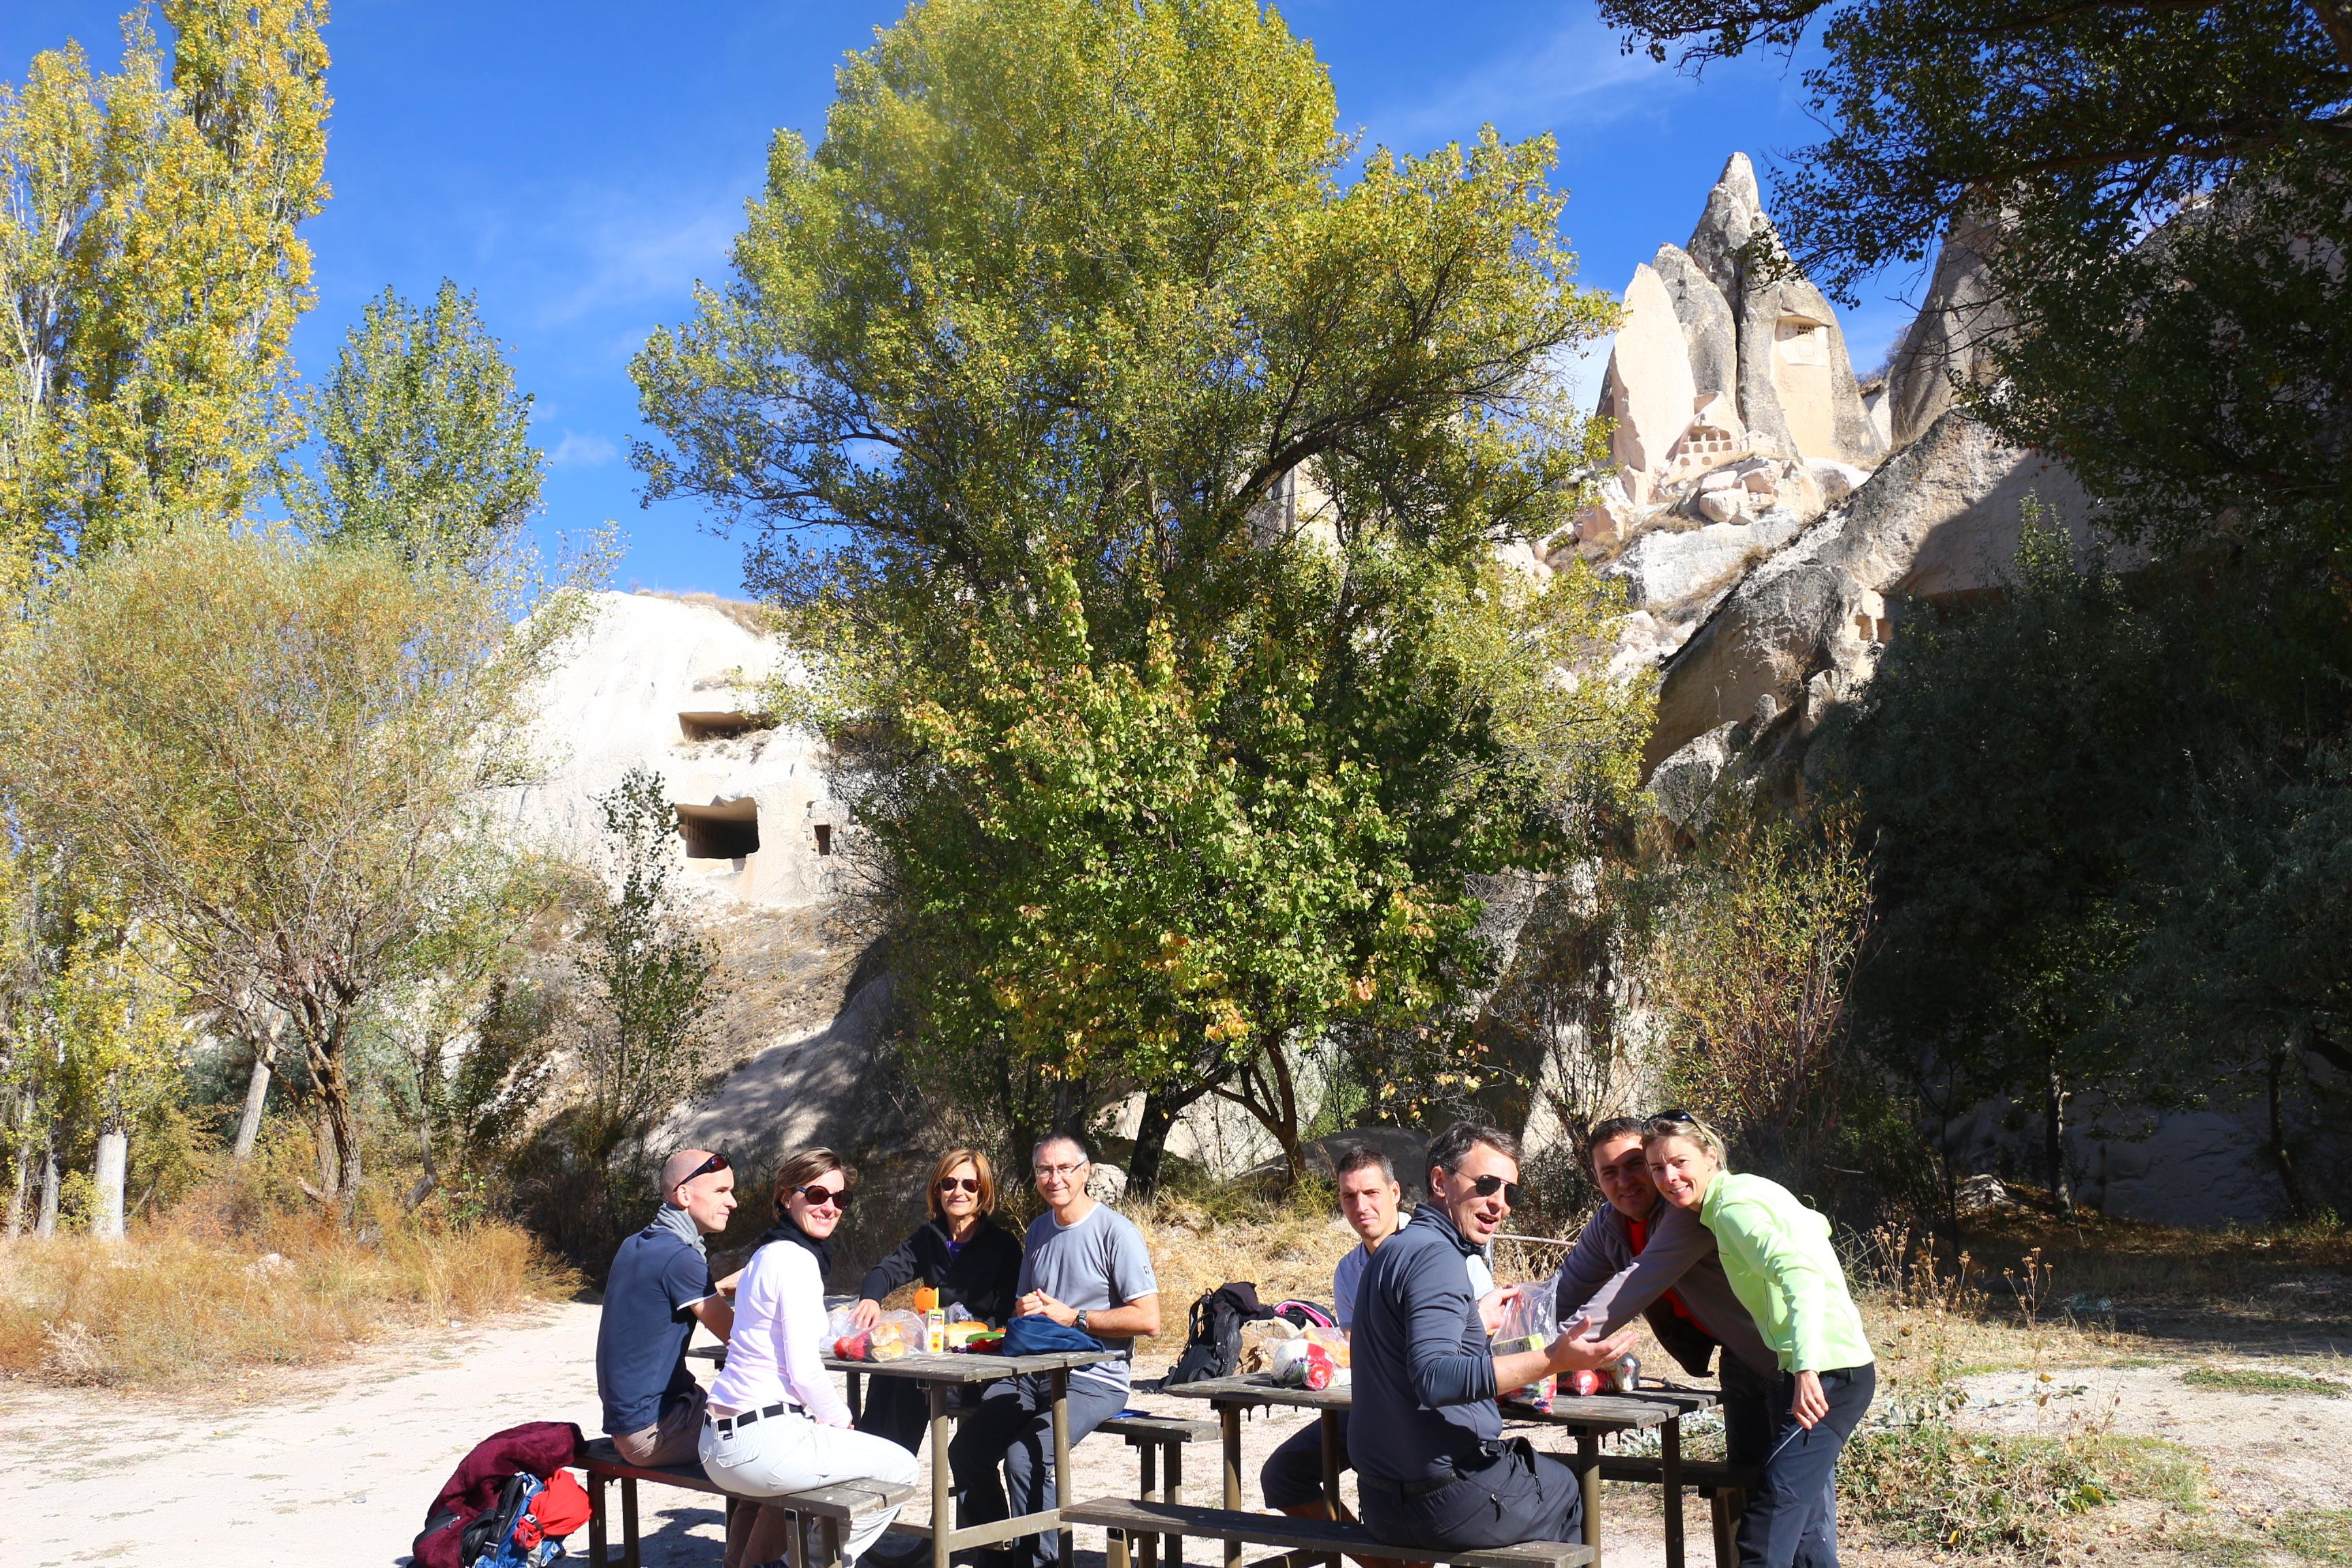 randonnee en cappadoce piquenique godema